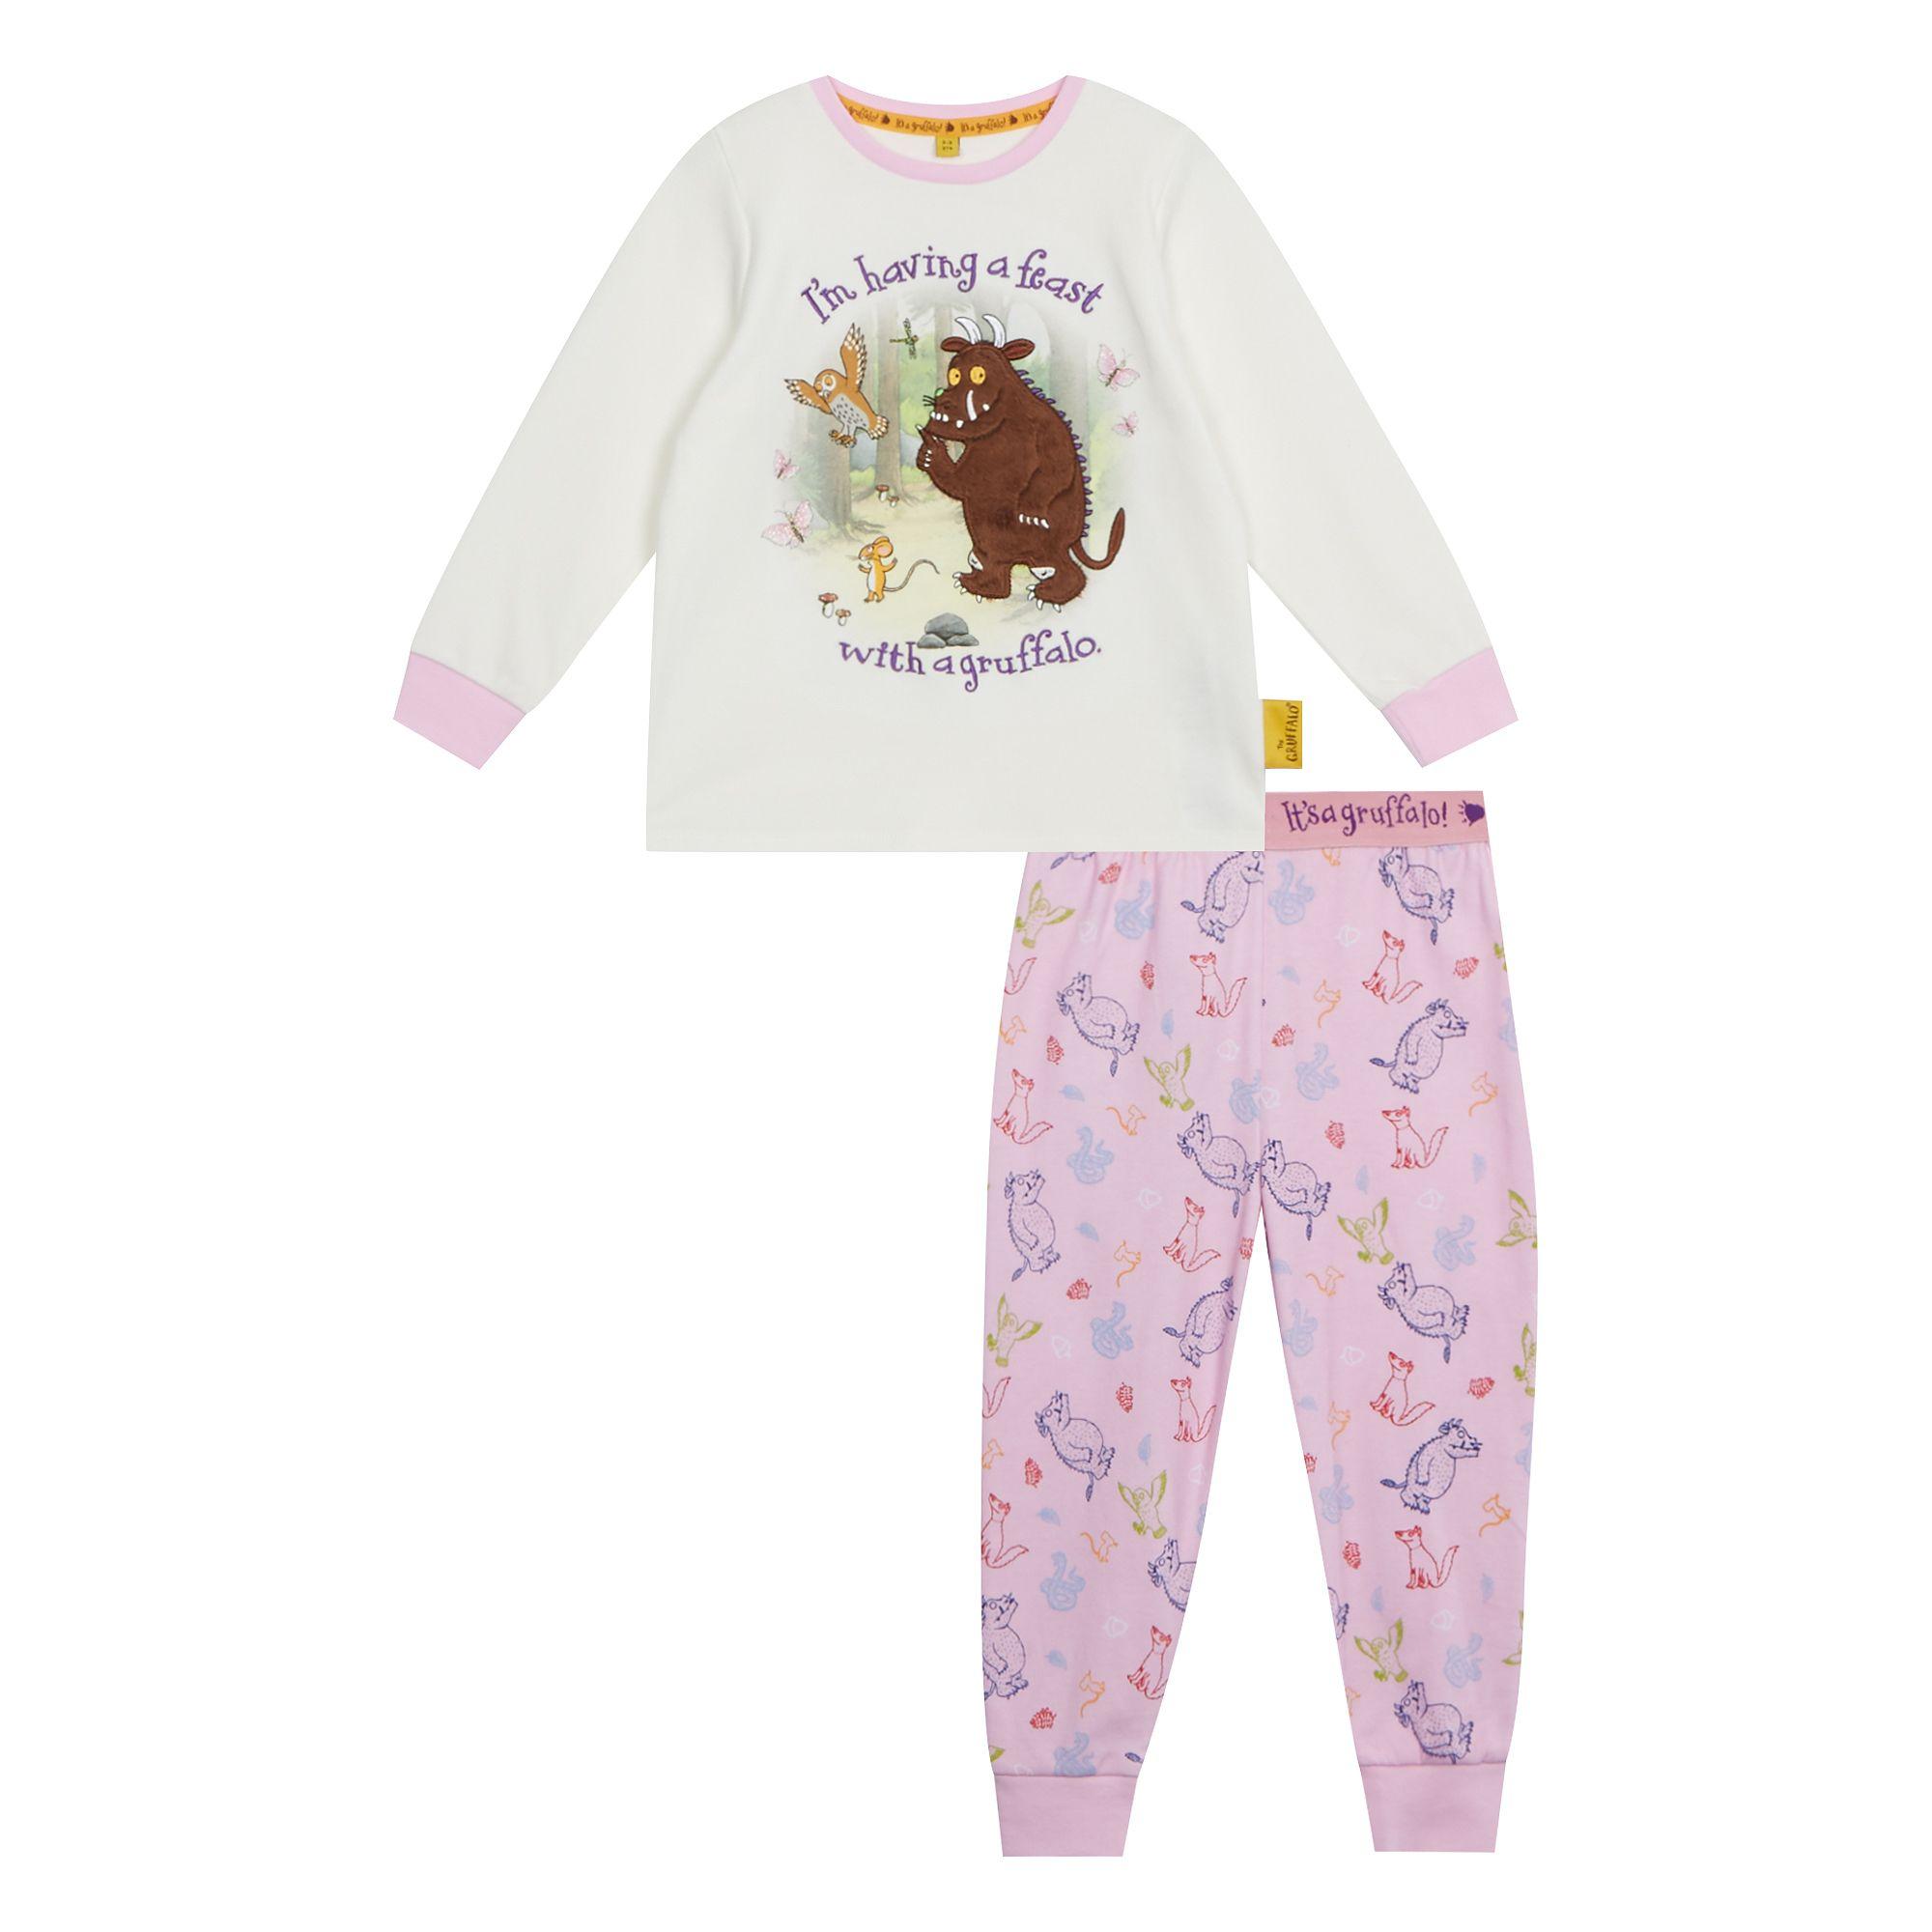 Details about The Gruffalo Kids Girls  Pink  Gruffalo  Print Pyjama Set f0383cb9c